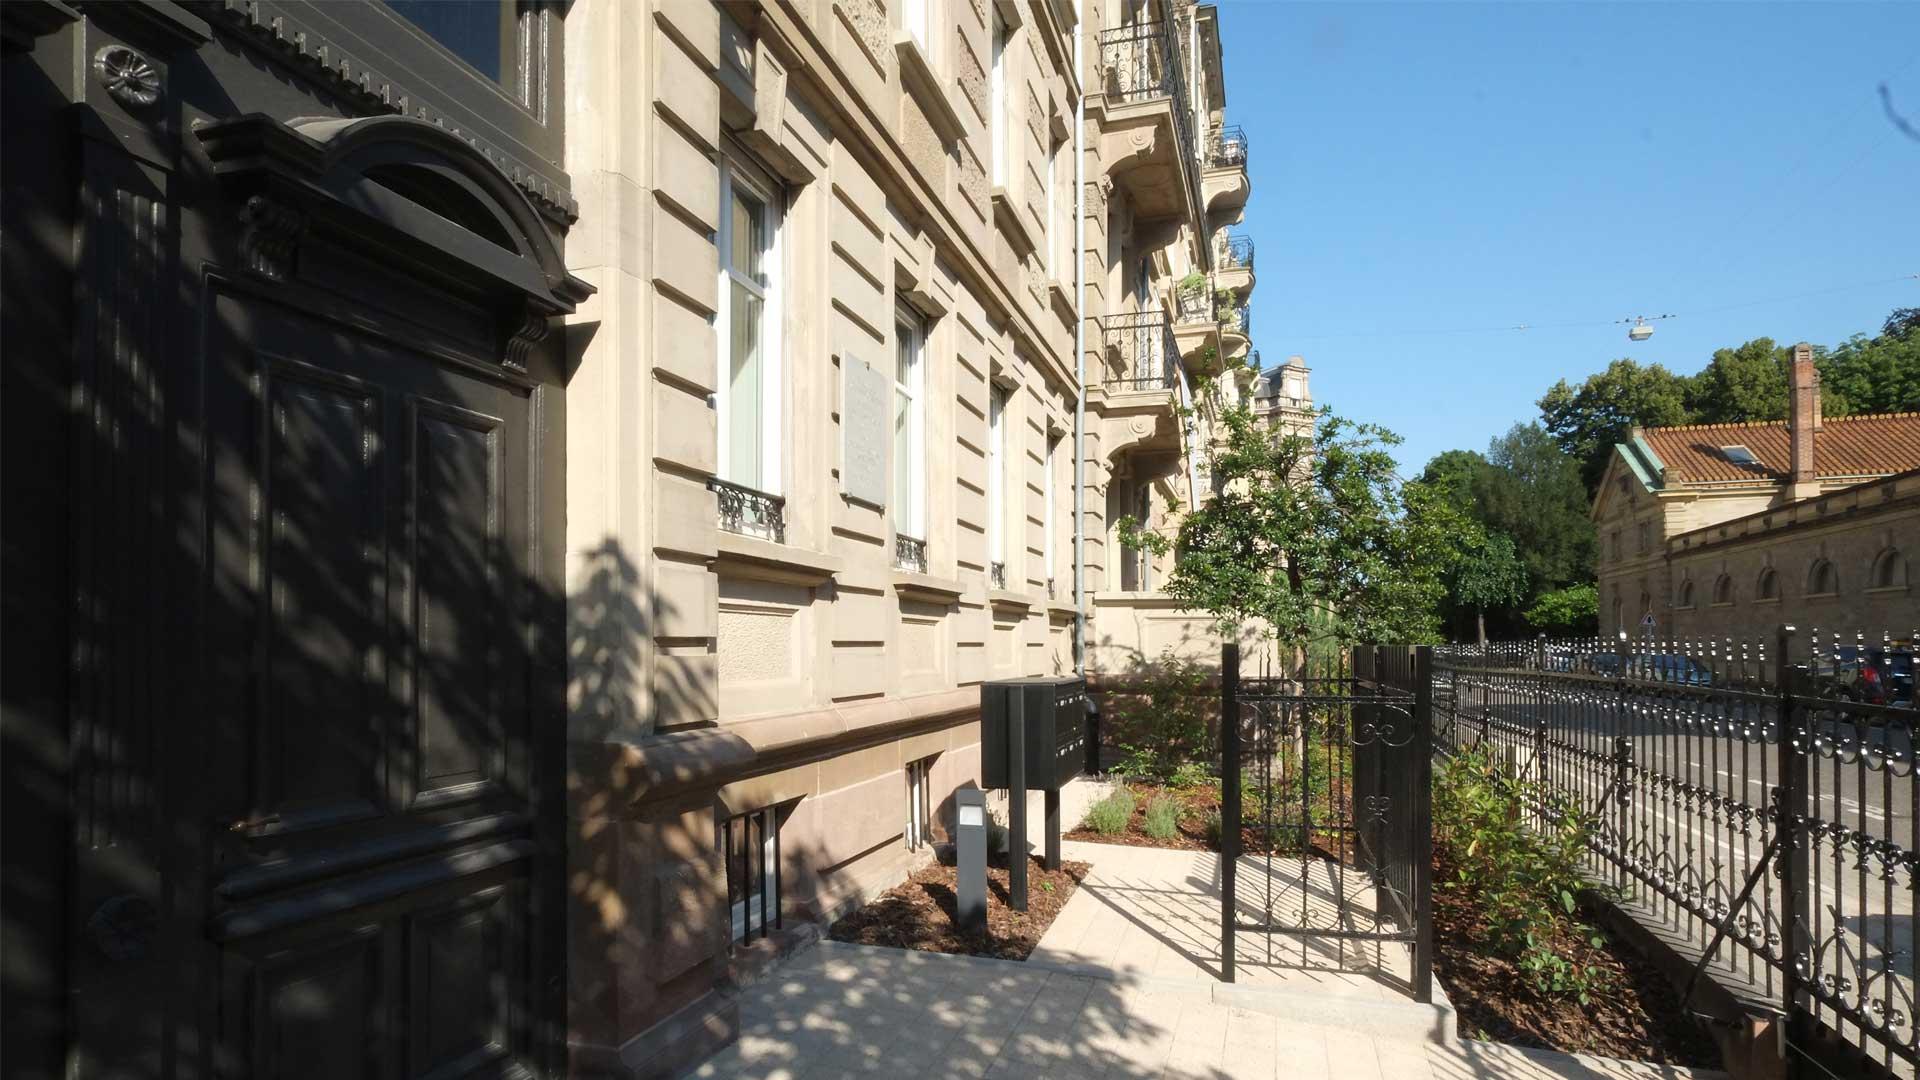 restaurations dans le quartier historique de la Neue Stadt à Strasbourg - photo PSA